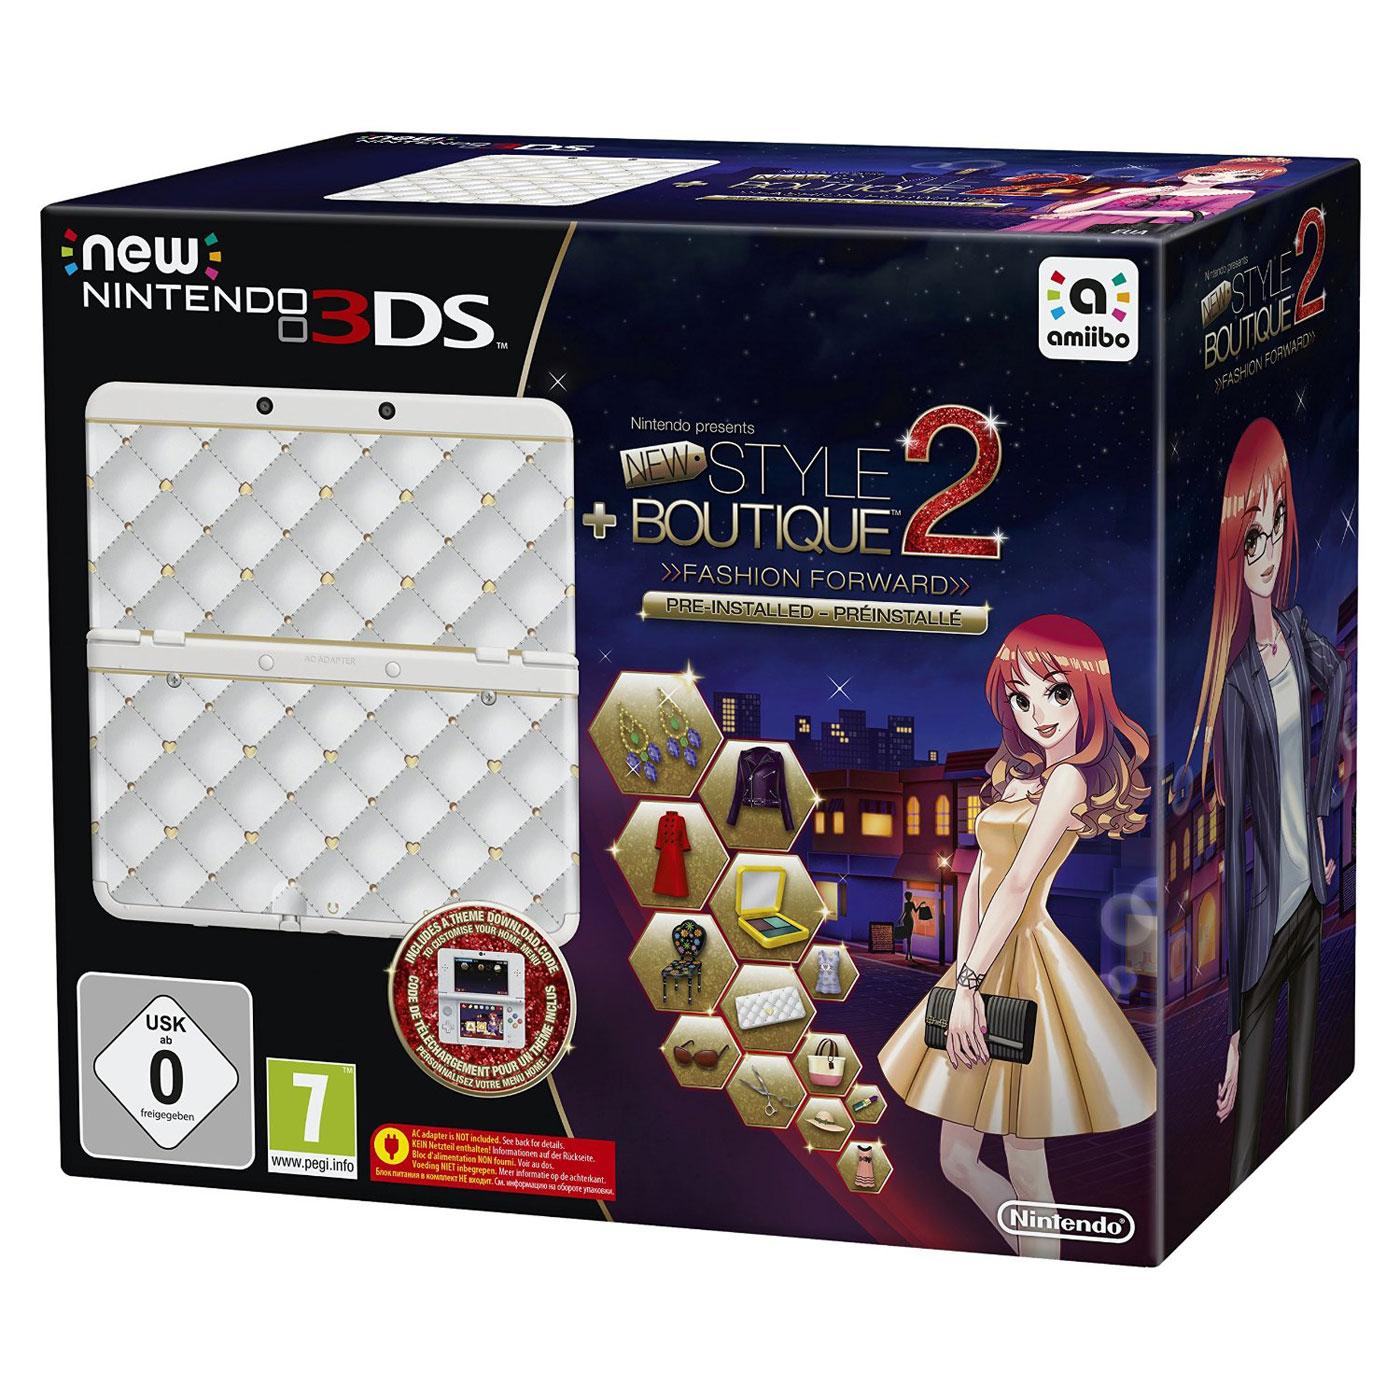 nintendo new 3ds blanche la maison du style 2 les reines de la mode console nintendo 3ds